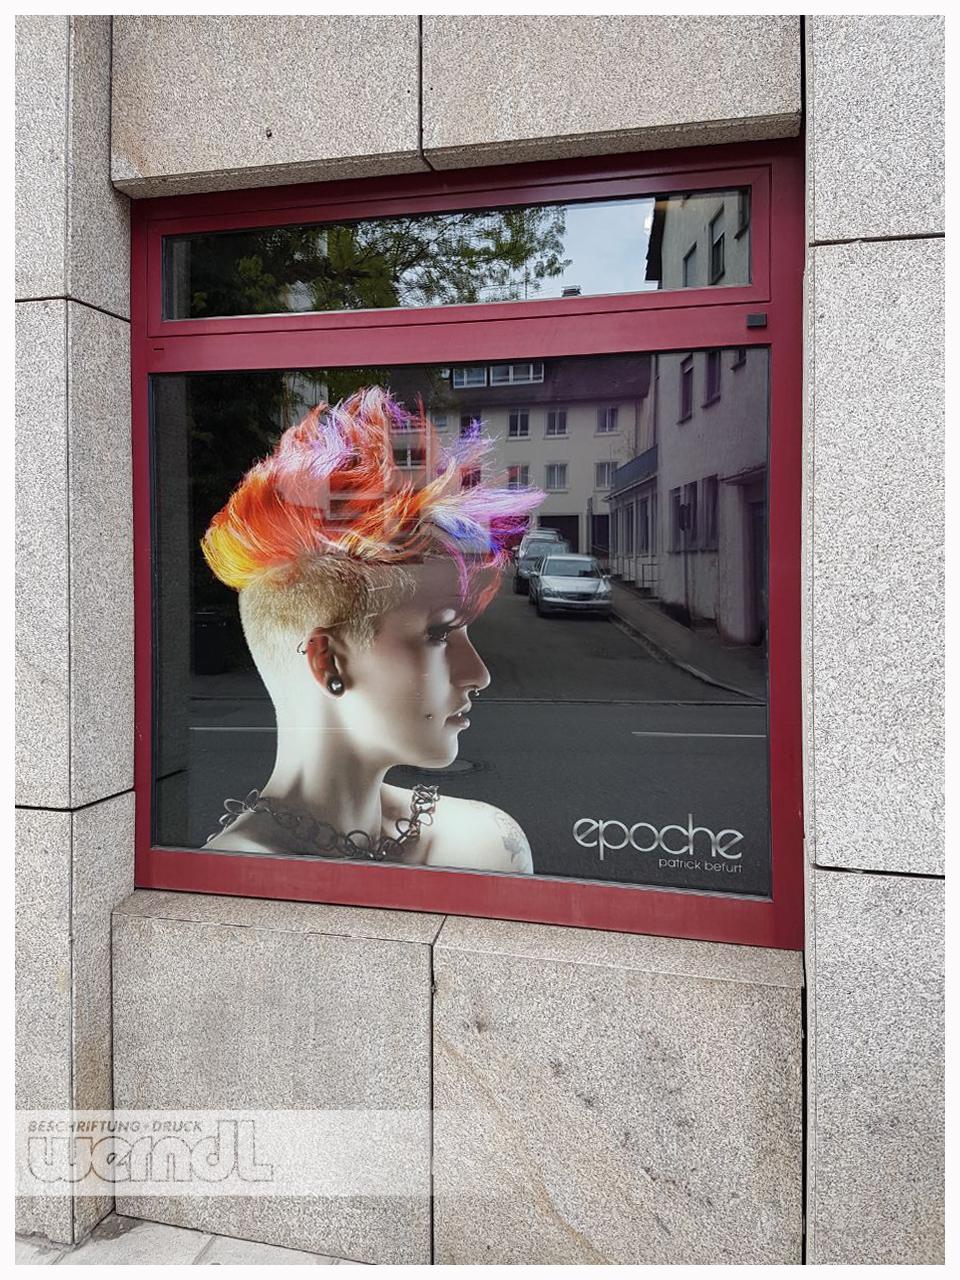 Schaufenster eines Friseurbetriebs.